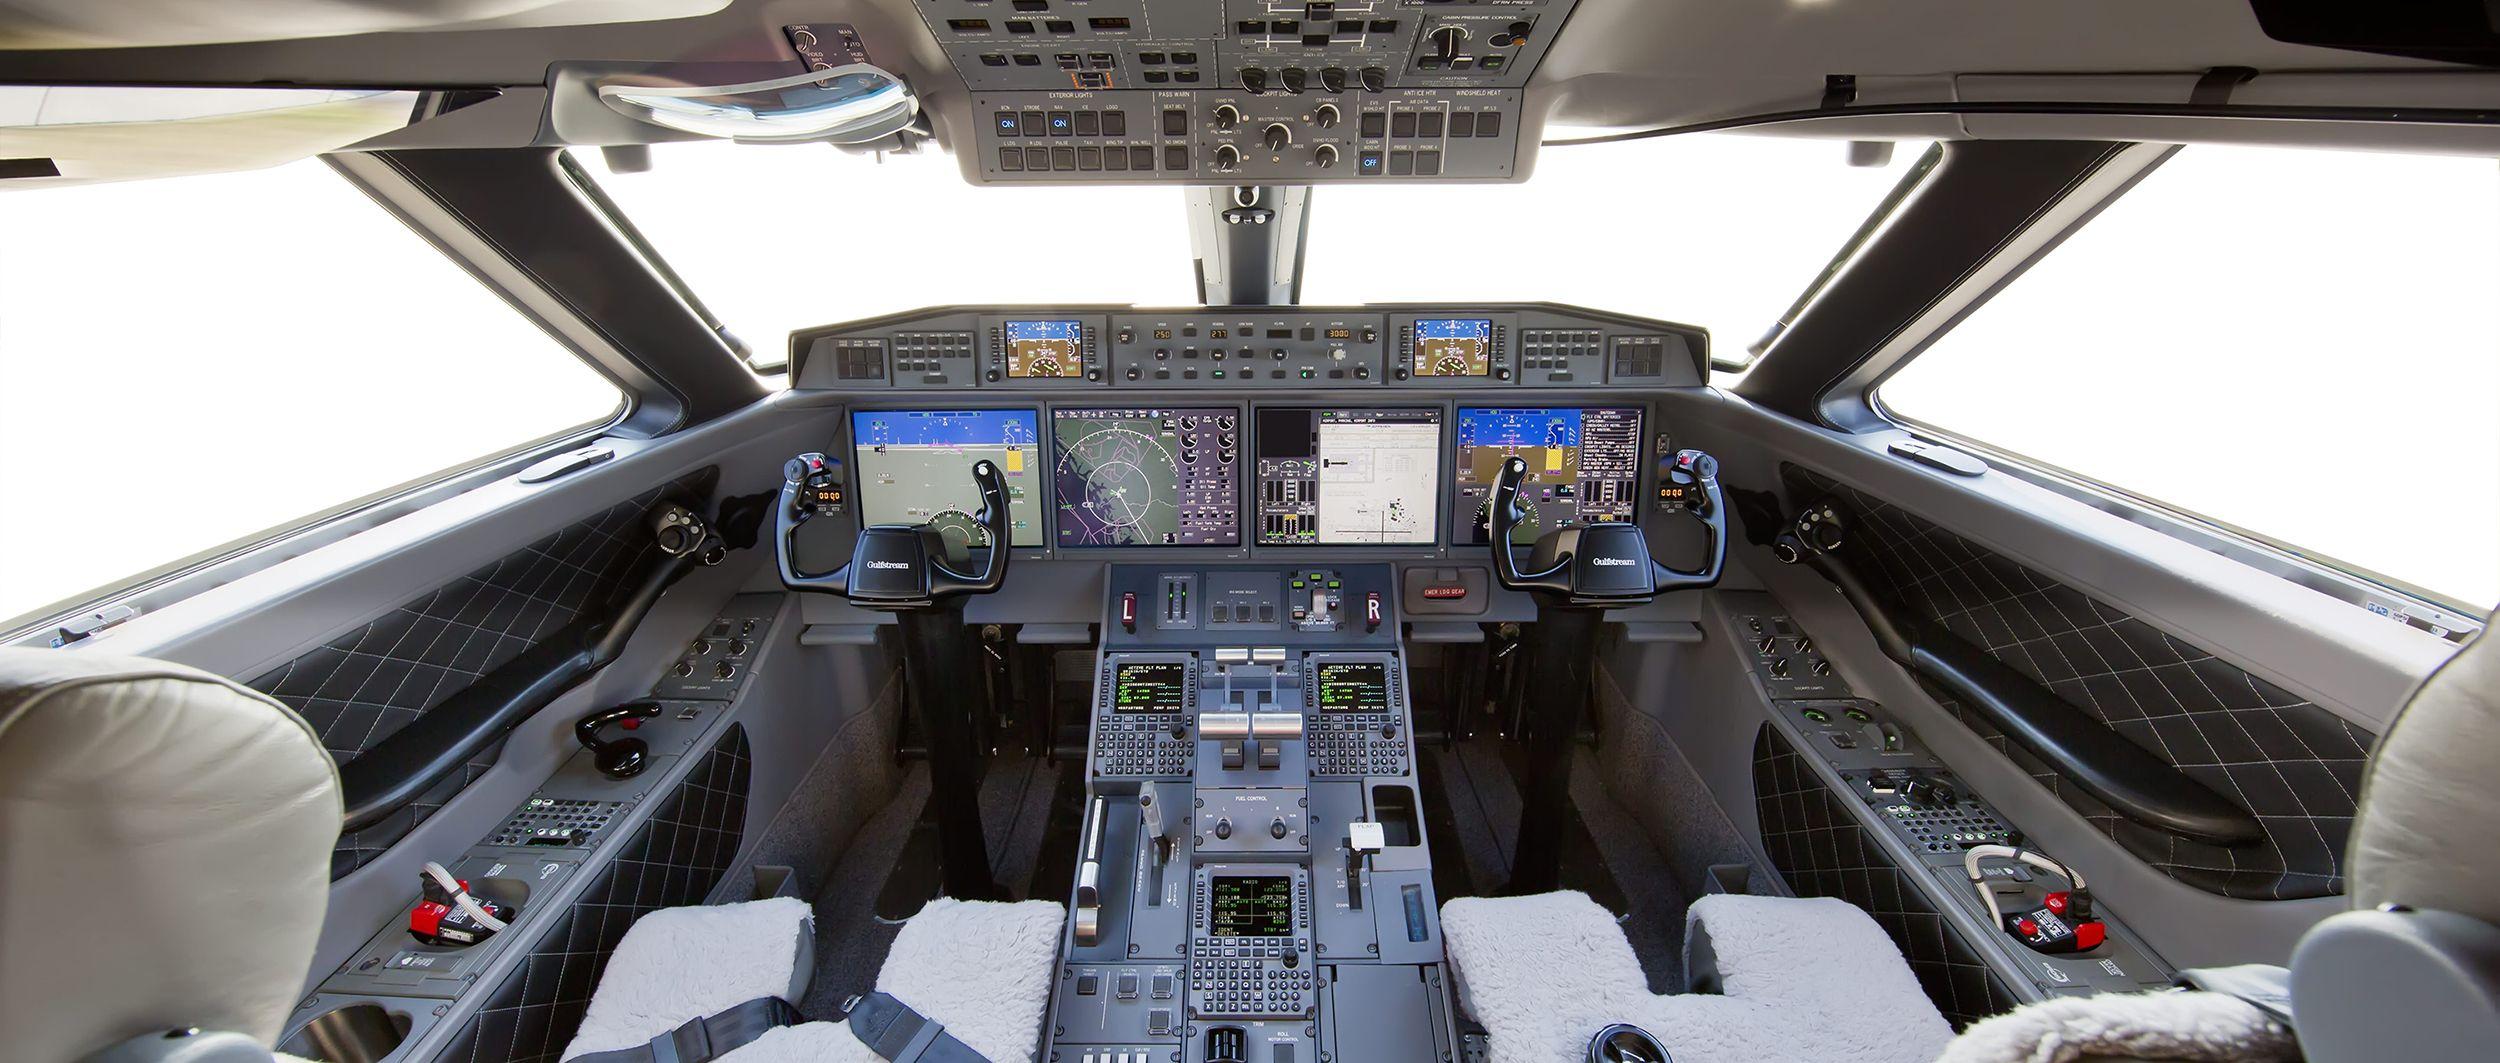 Gulfstream g650 interior bedroom g flight deck  aviationinly gulfsteam gusu gus